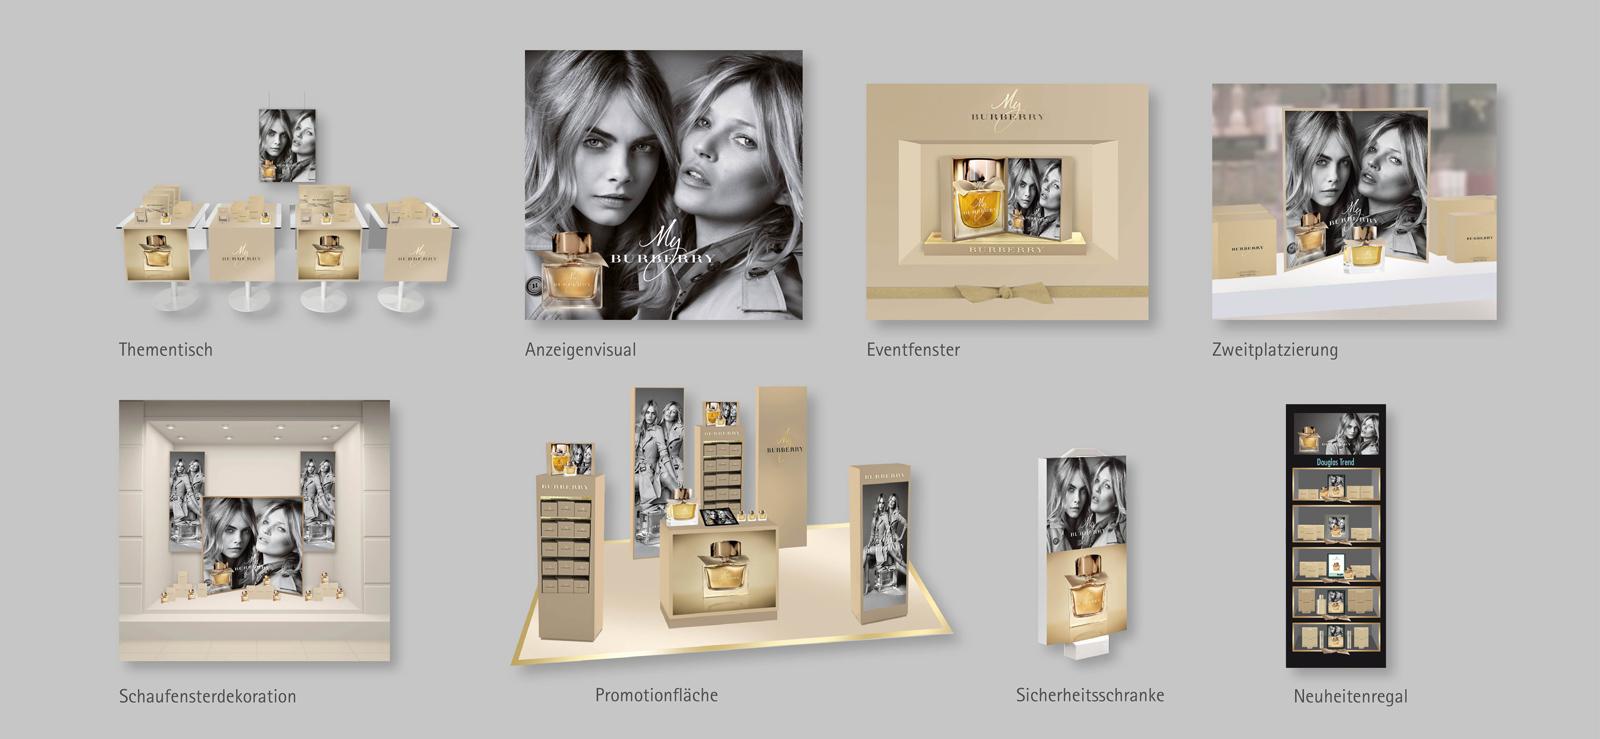 Faszinierend Schaufensterdekoration Beispiele Foto Von Handel · Von Zeichnungen V.l.n.r.: Thementisch Parfümerie